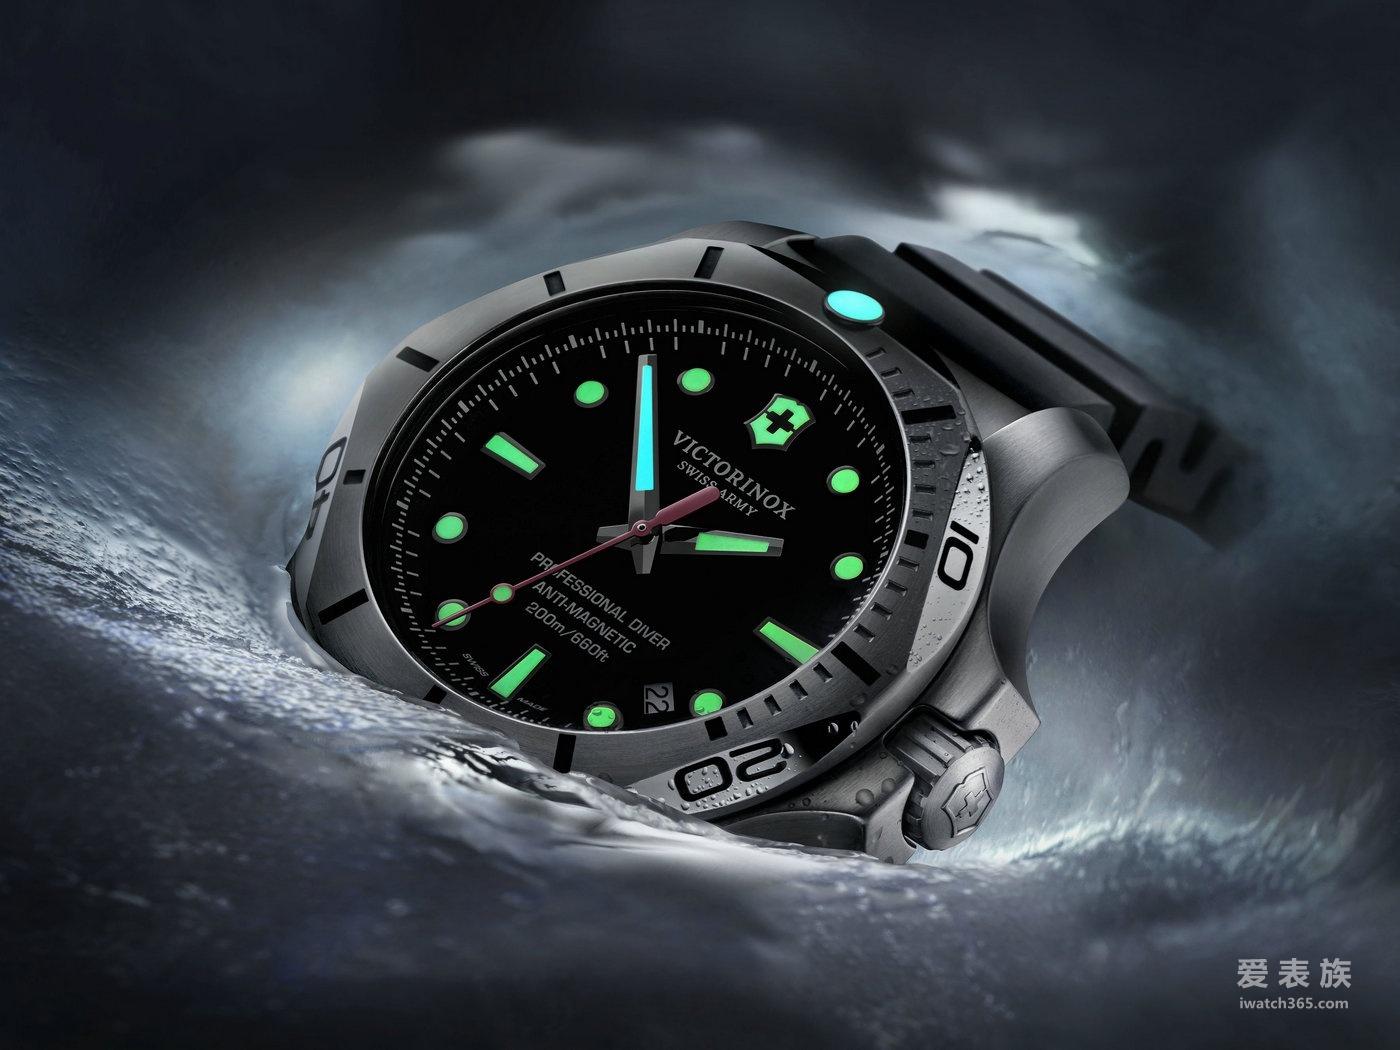 无敌硬汉:瑞士维氏I.N.O.X. Professional Diver腕表